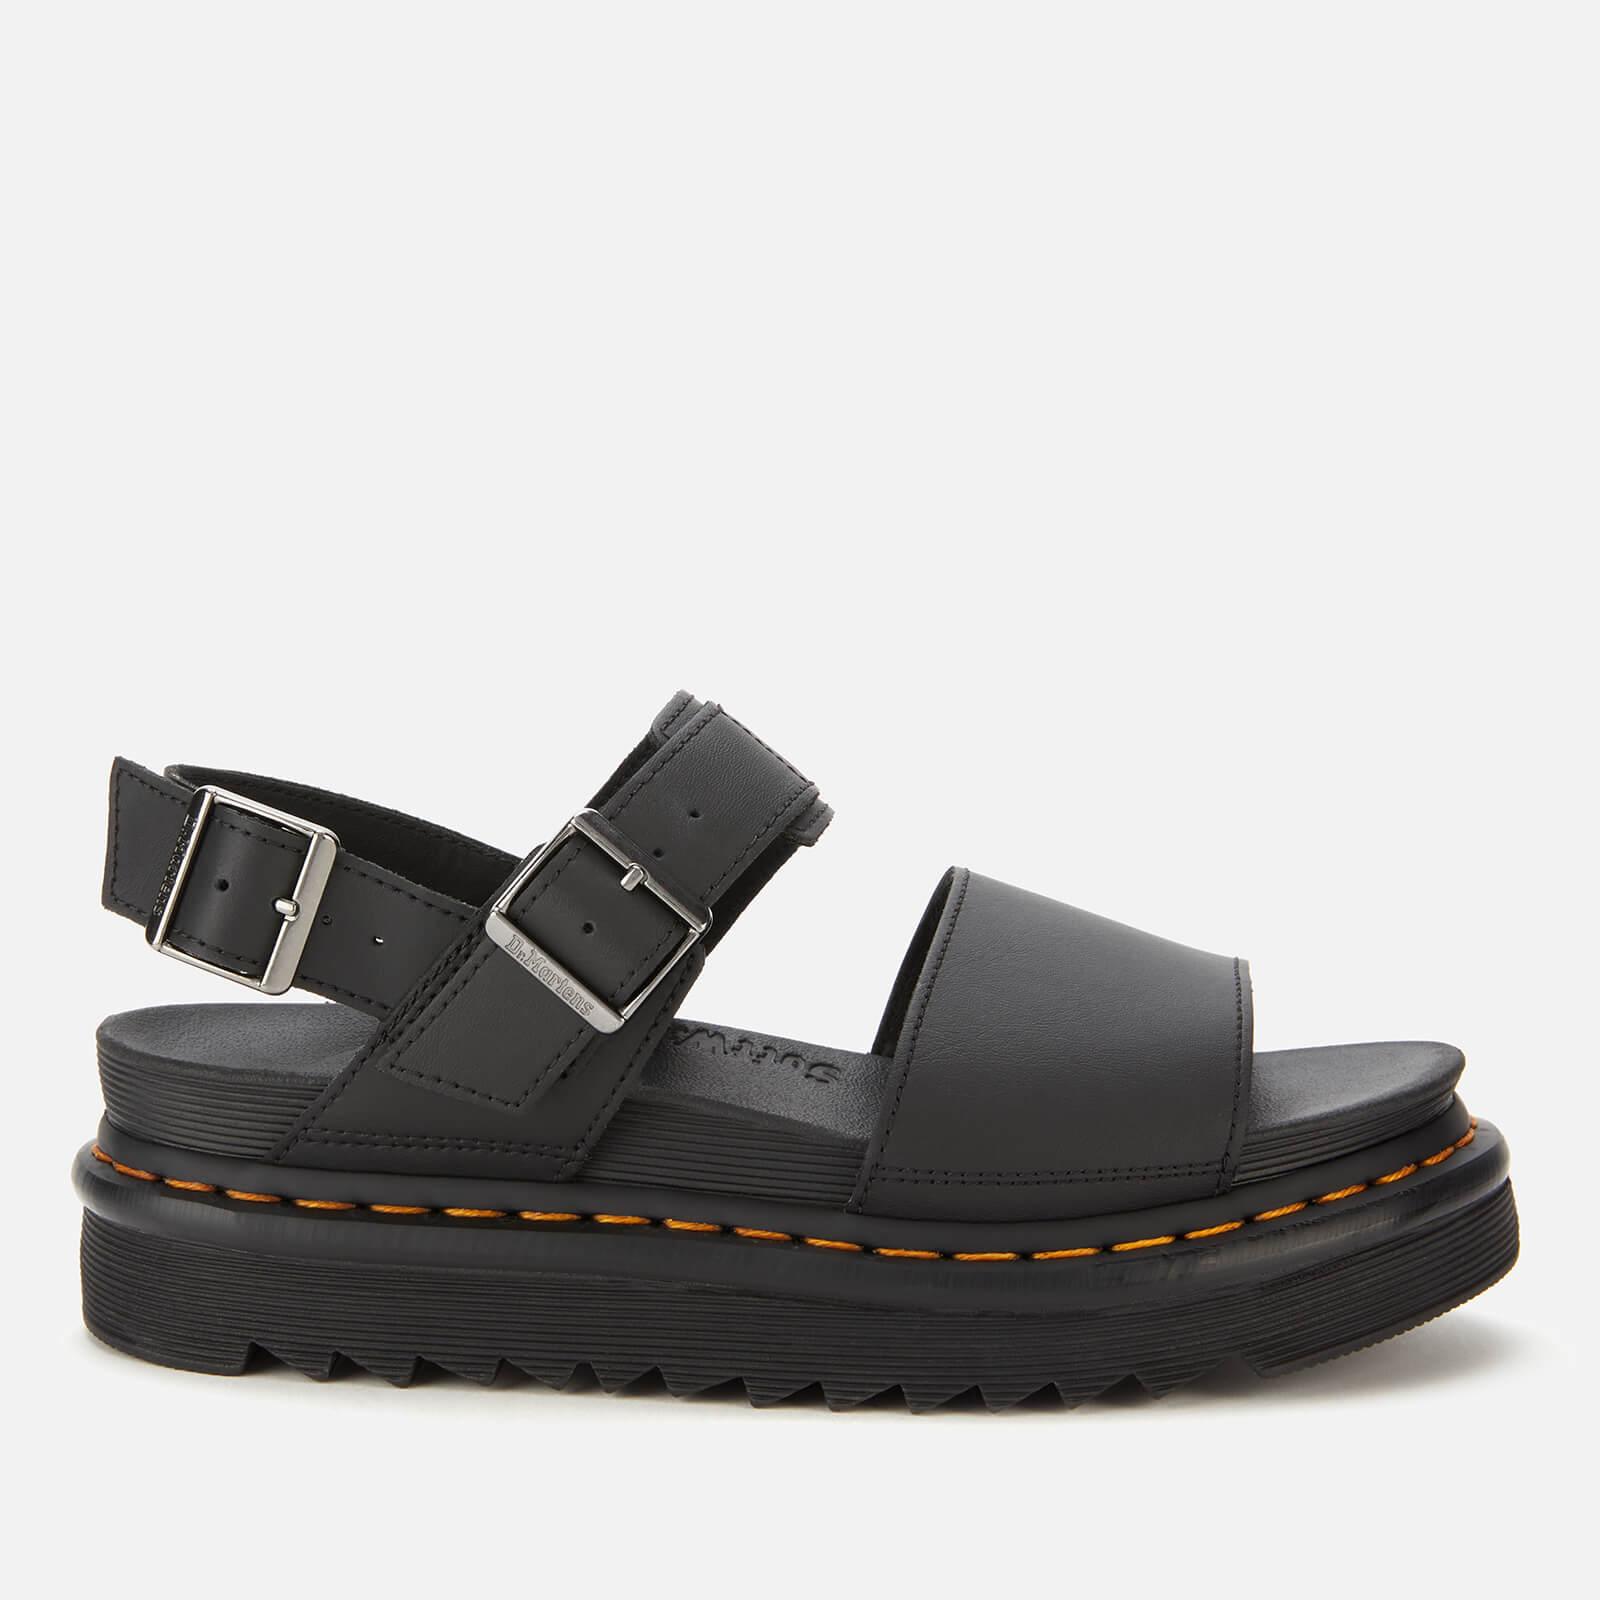 Dr. Martens Women's Voss Leather Double Strap Sandals - Black - UK 3